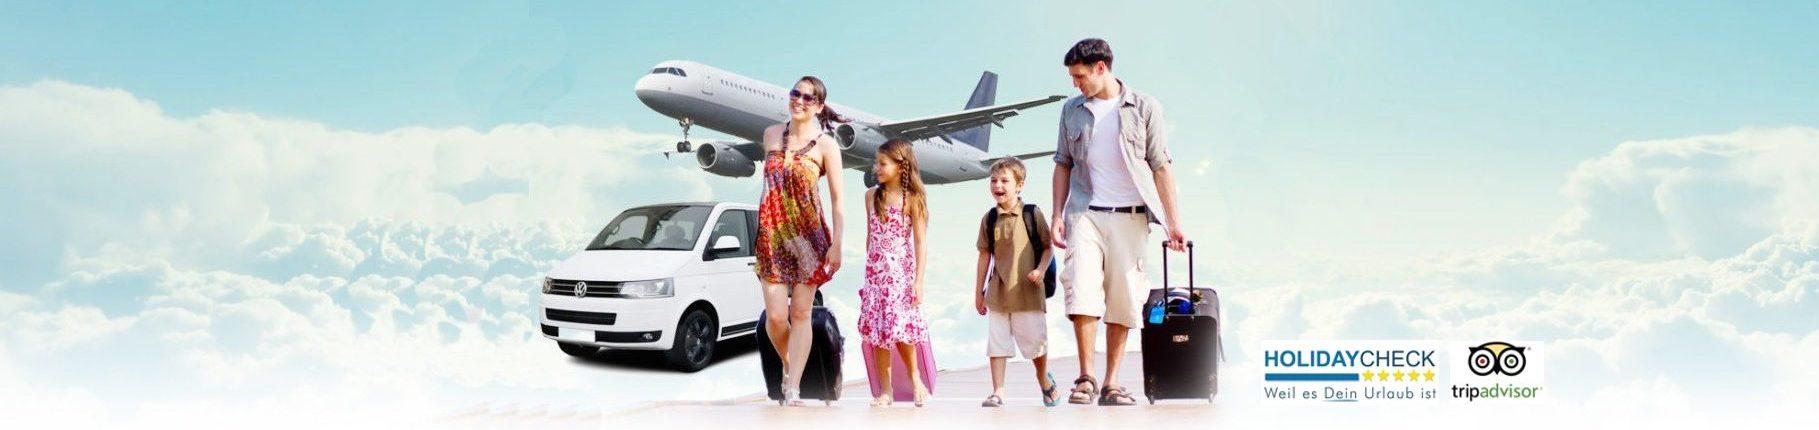 Airport Transfer to Kusadasi, Didim, Marmaris, Cesme